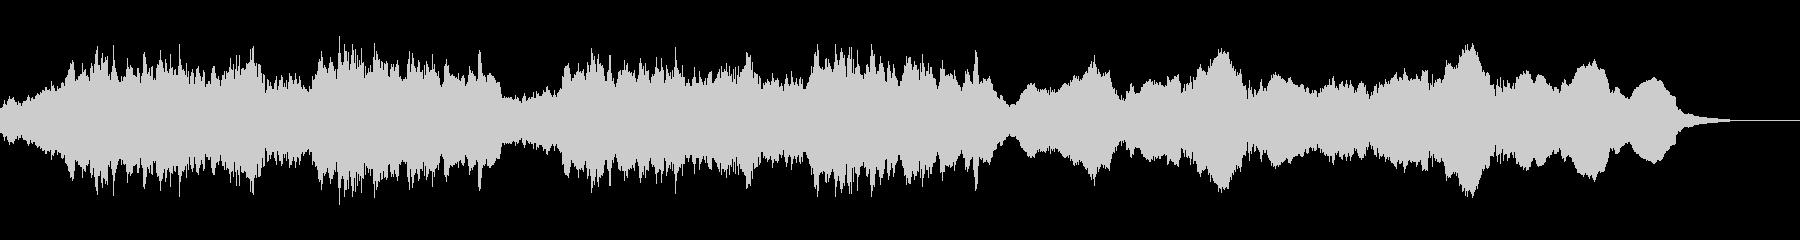 教会シーンに合う神々しいパイプオルガンの未再生の波形